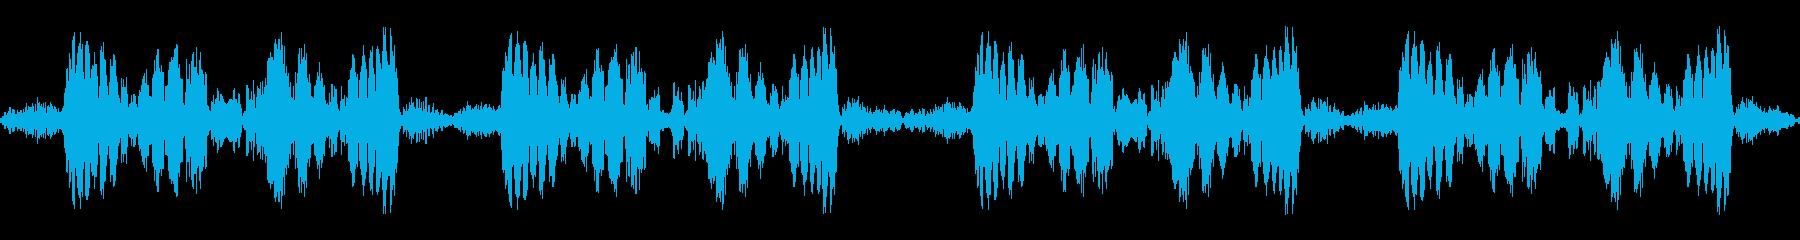 ズビズビ(レコードスクラッチ4回)の再生済みの波形